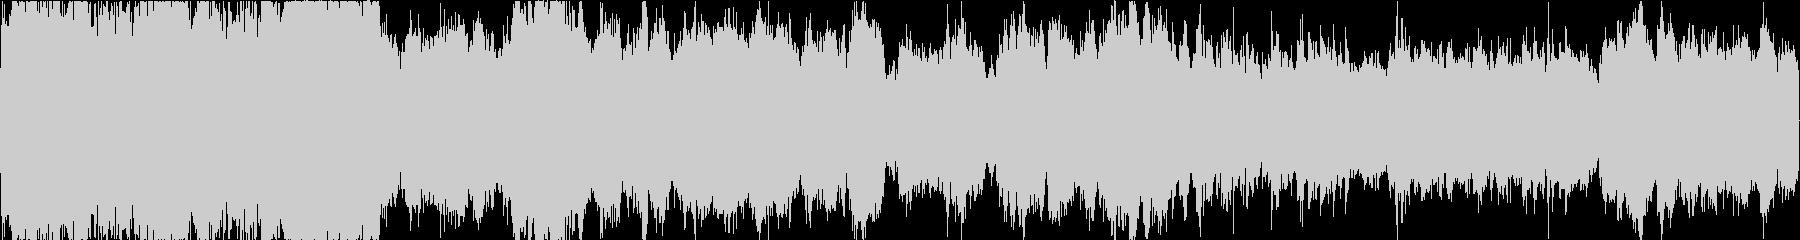 雄大な雰囲気のフィールド向けBGMの未再生の波形